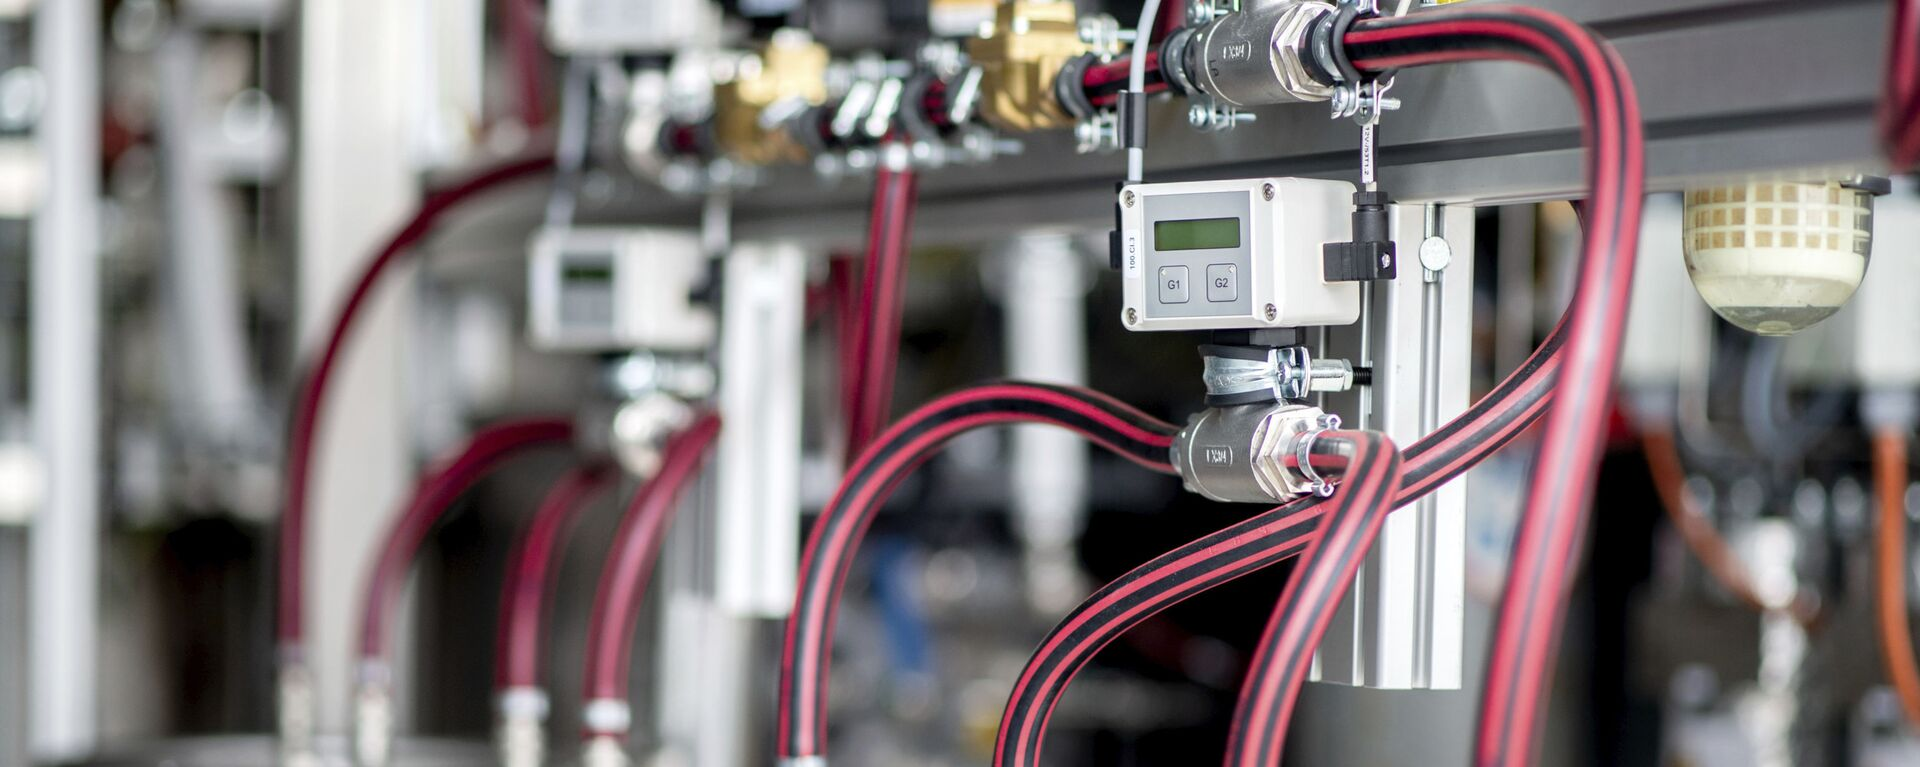 Equipo técnico para el electrolizador de una planta de producción de hidrógeno - Sputnik Mundo, 1920, 26.04.2021